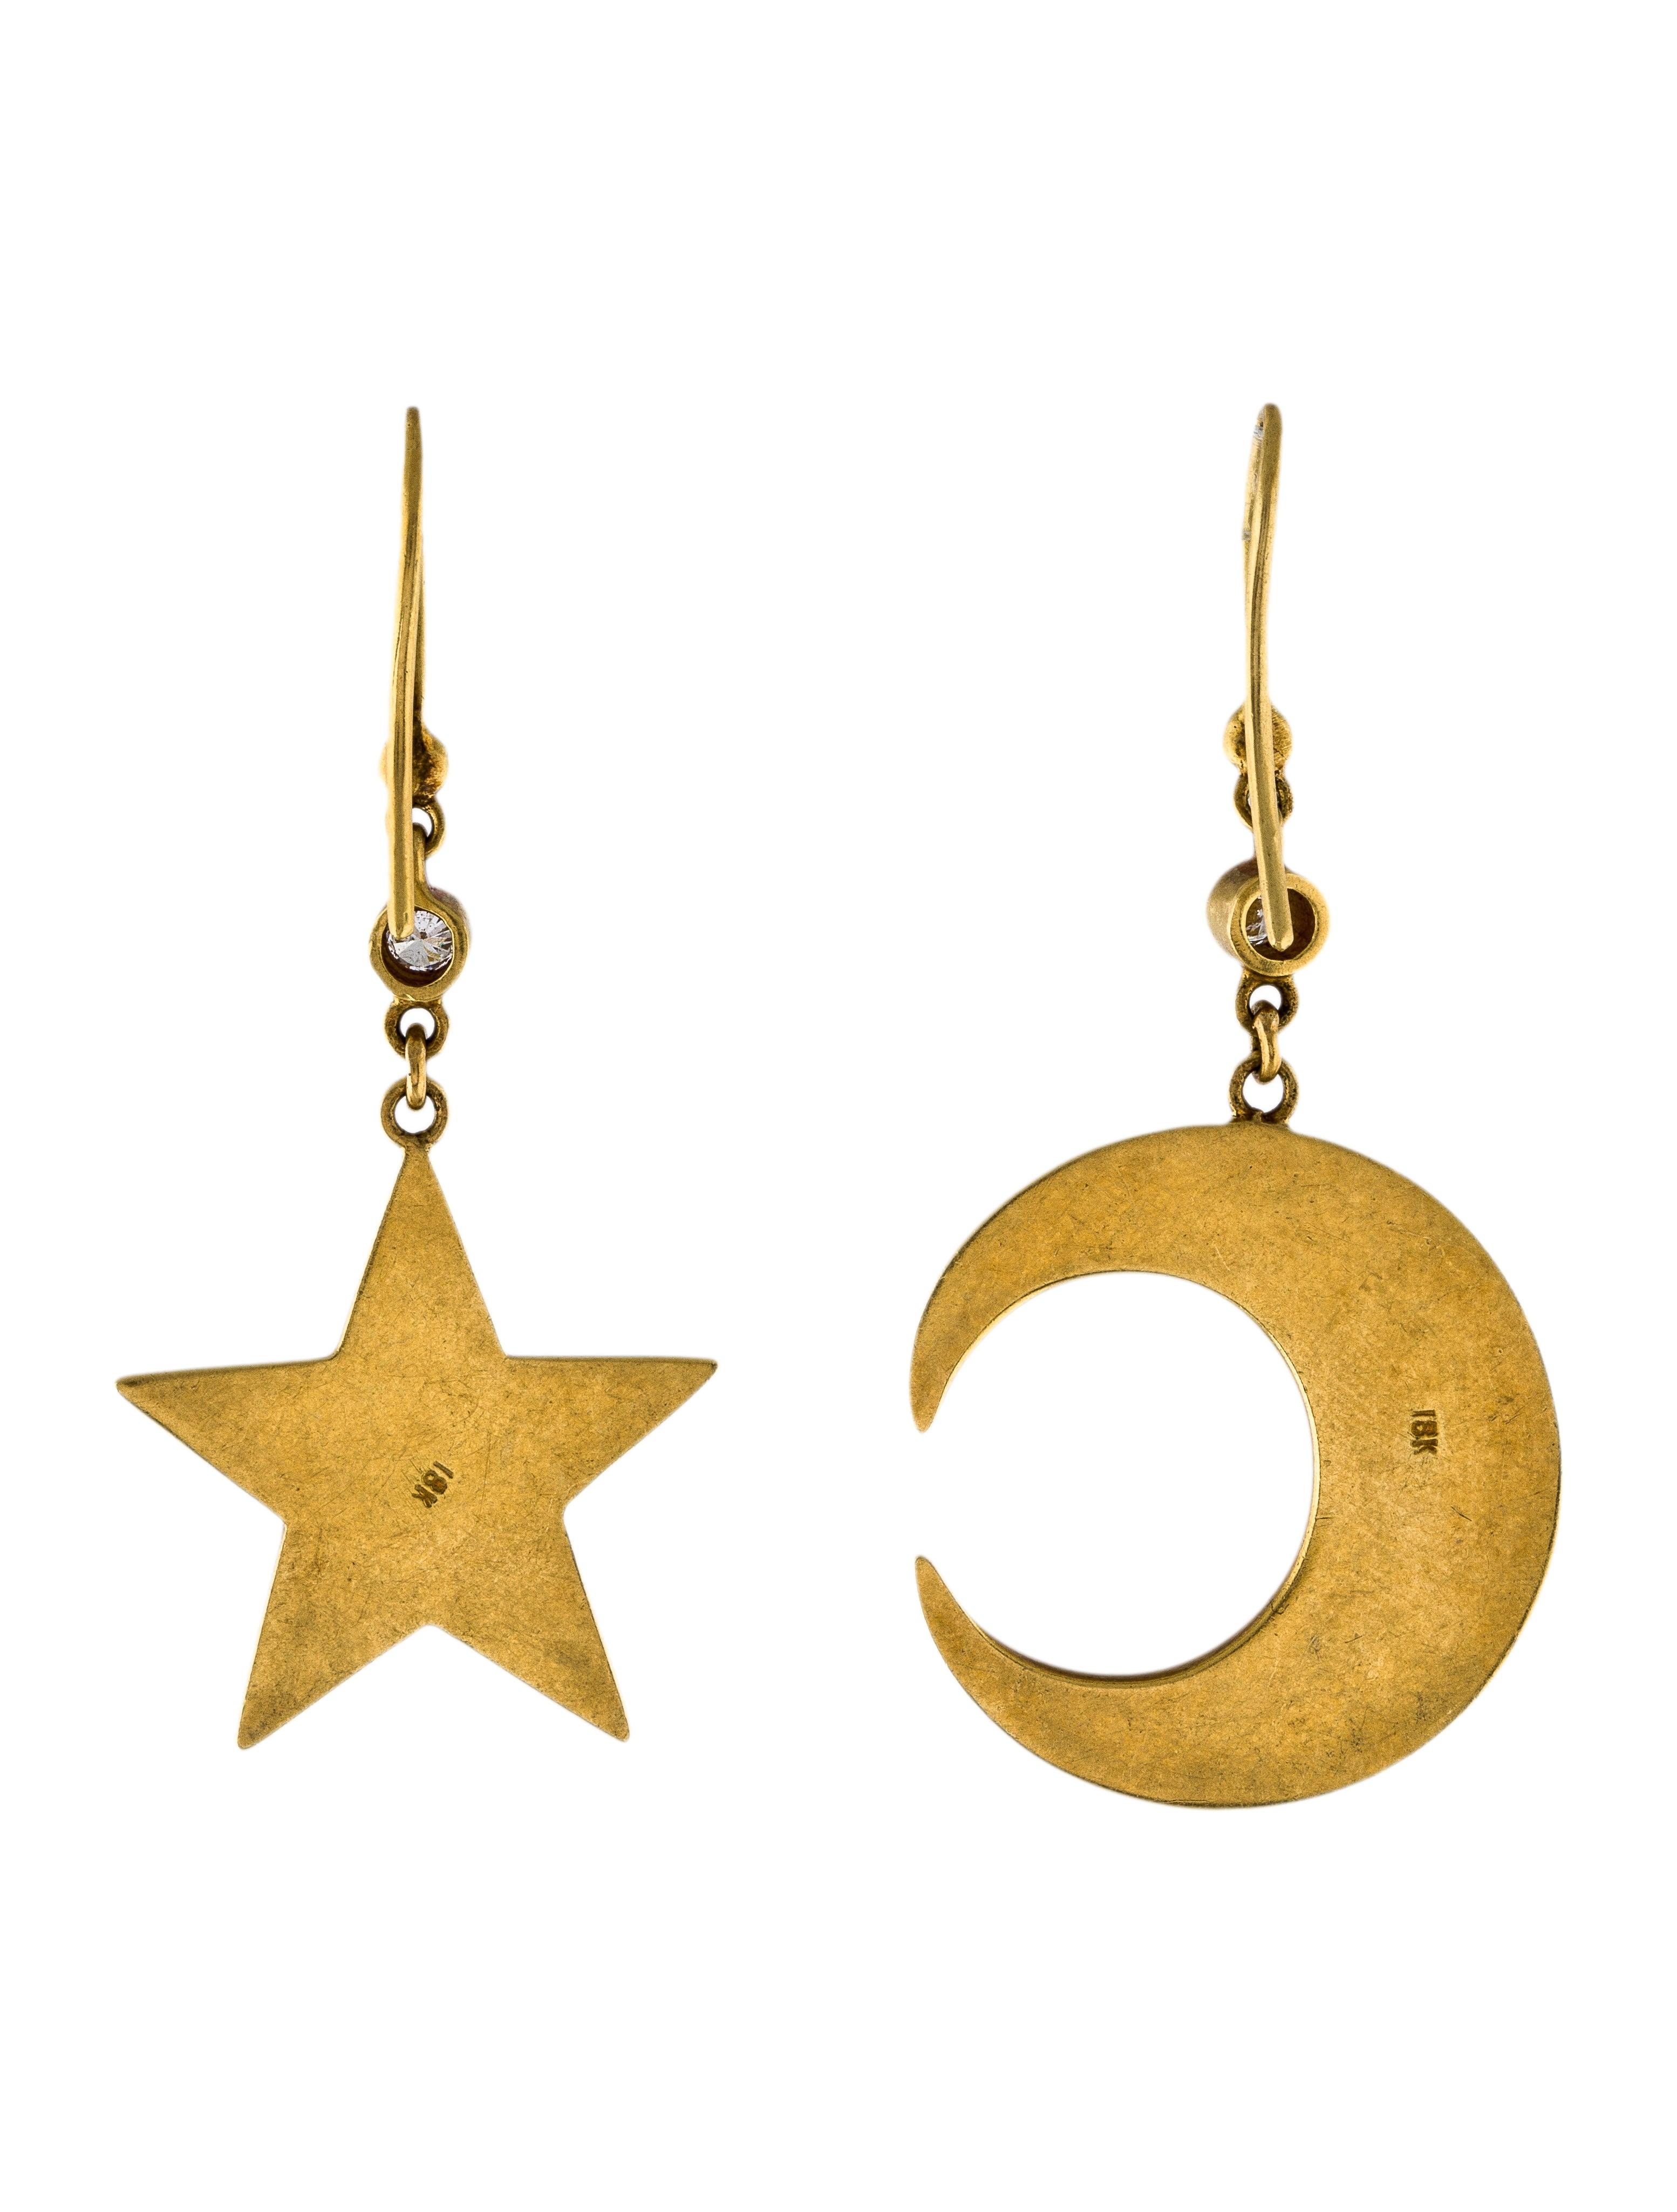 18k diamond moon star drop earrings earrings for Star hallmark on jewelry